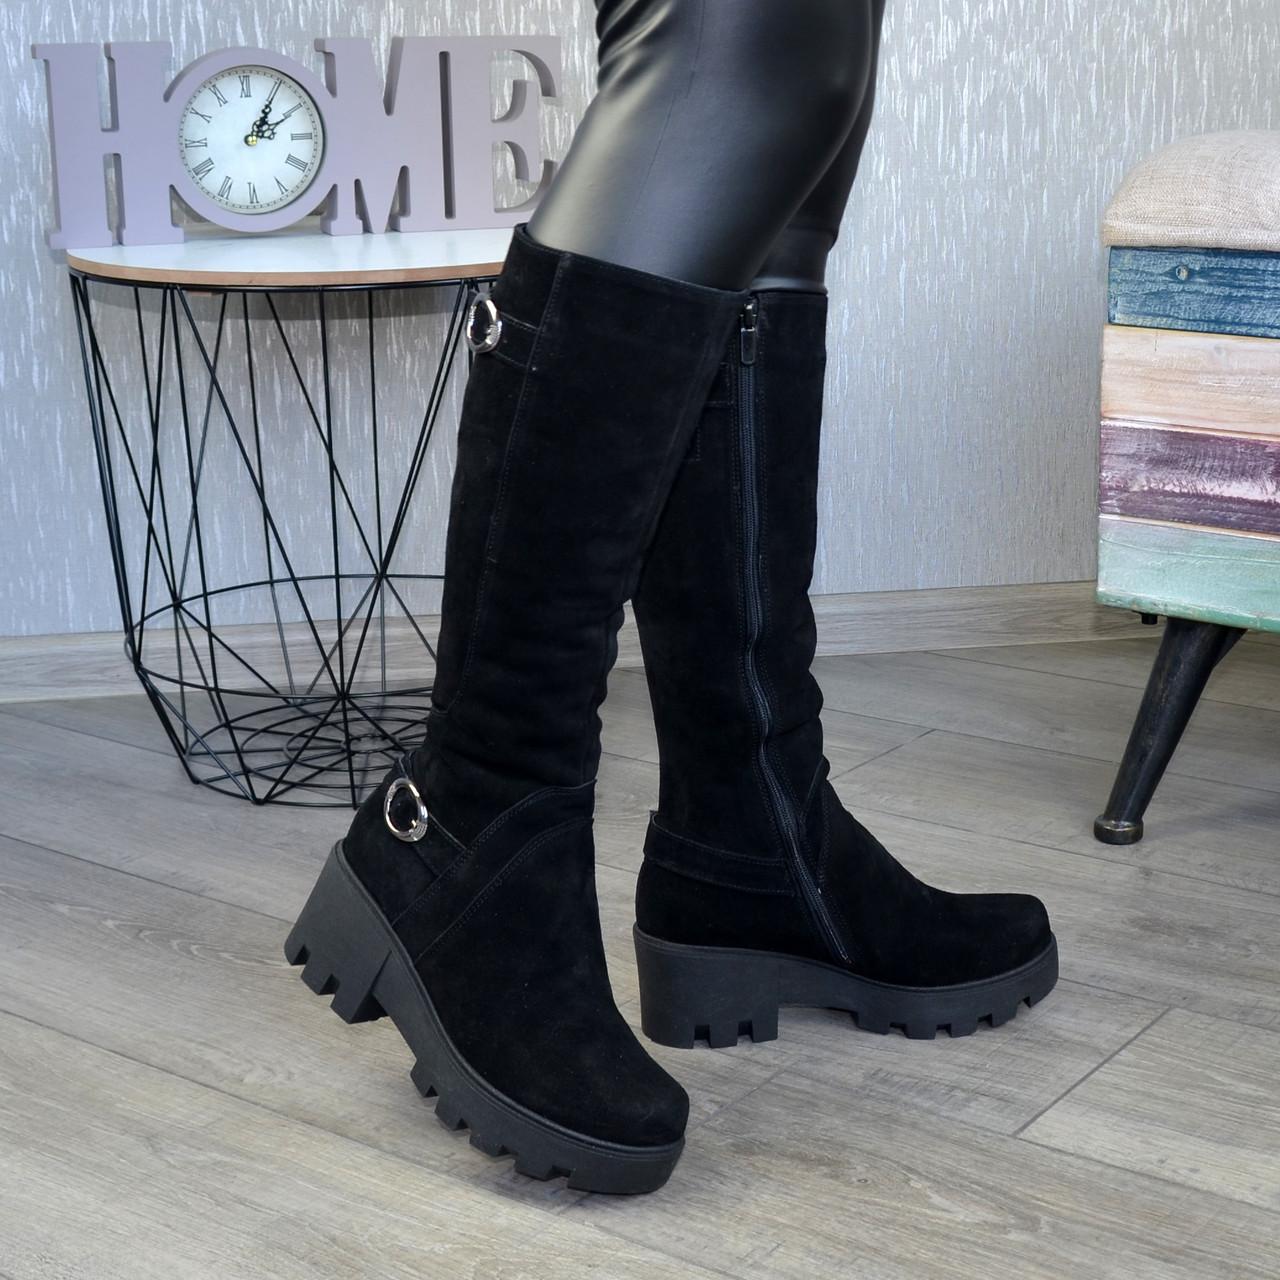 Жіночі замшеві чоботи на товстій тракторній підошві, колір чорний